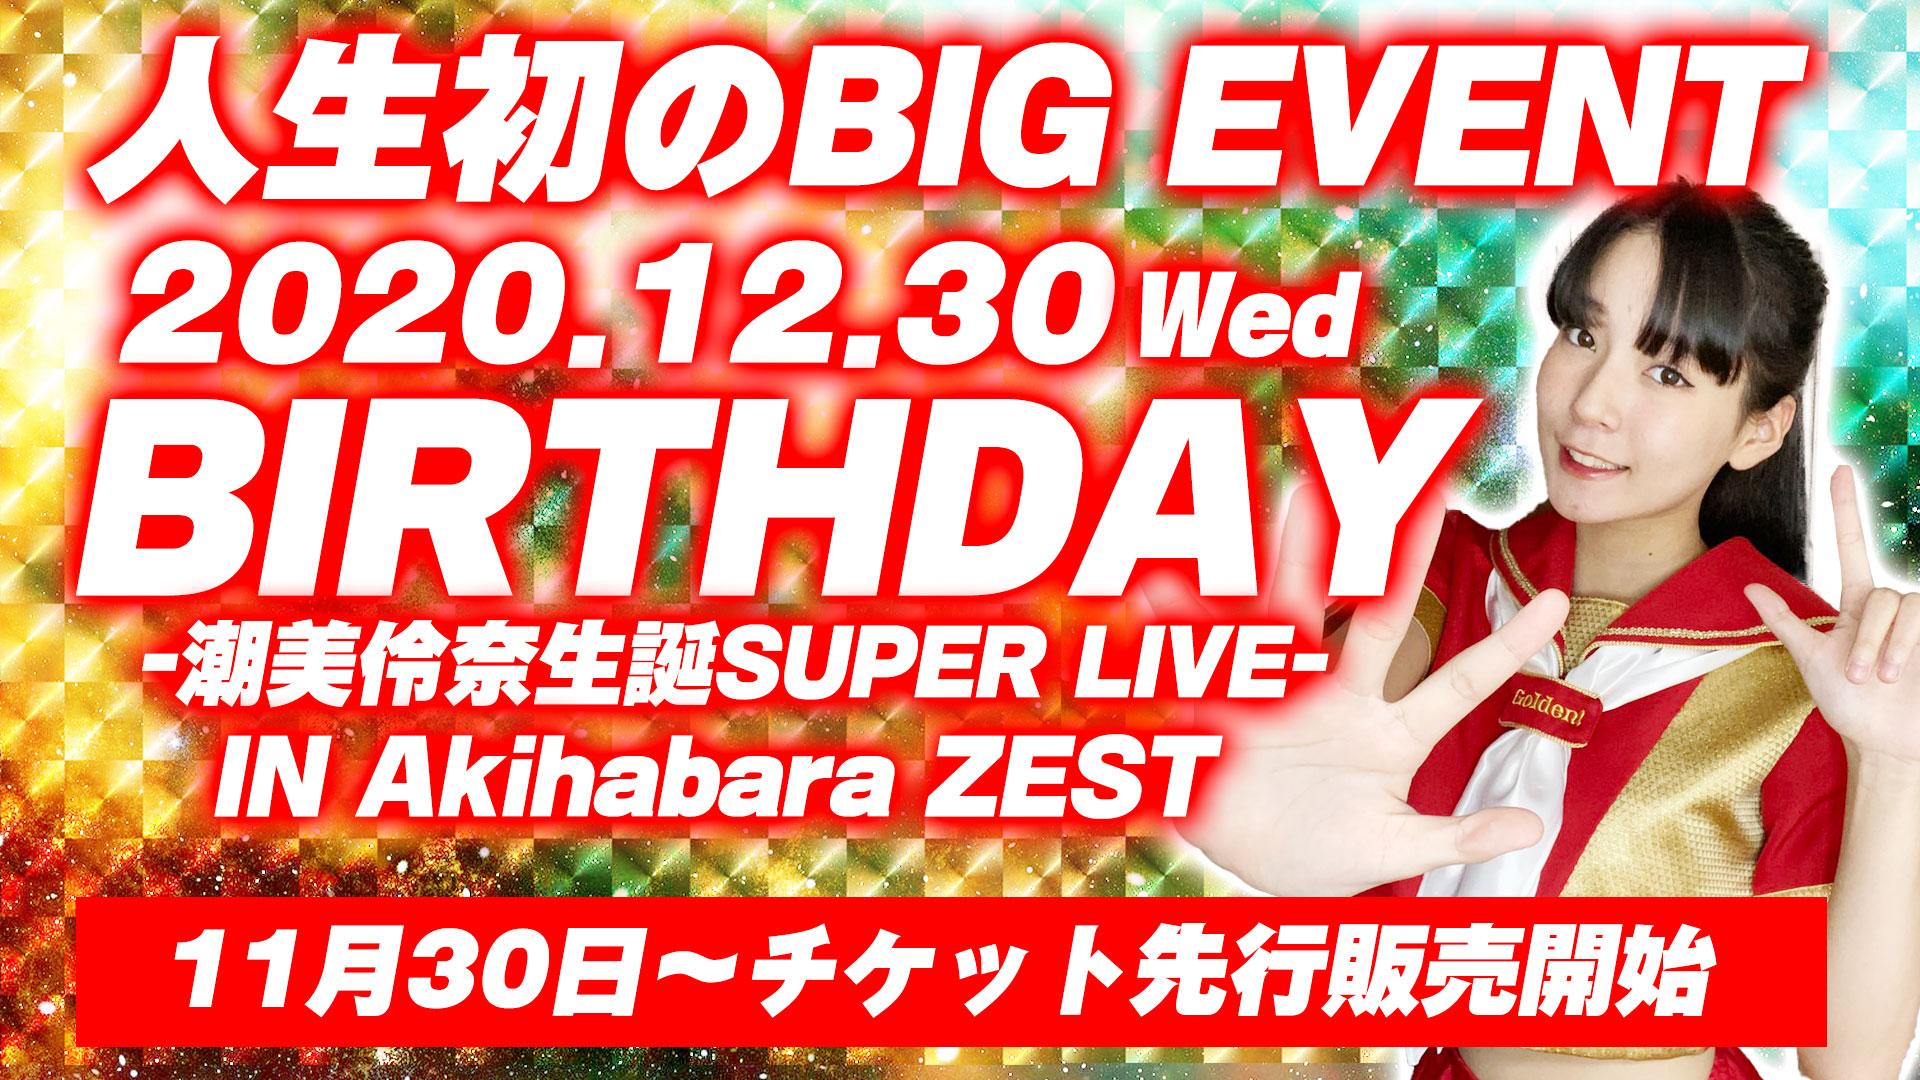 【LIVE】12月30日BIRTHDAY-潮美伶奈生誕SUPER LIVE-